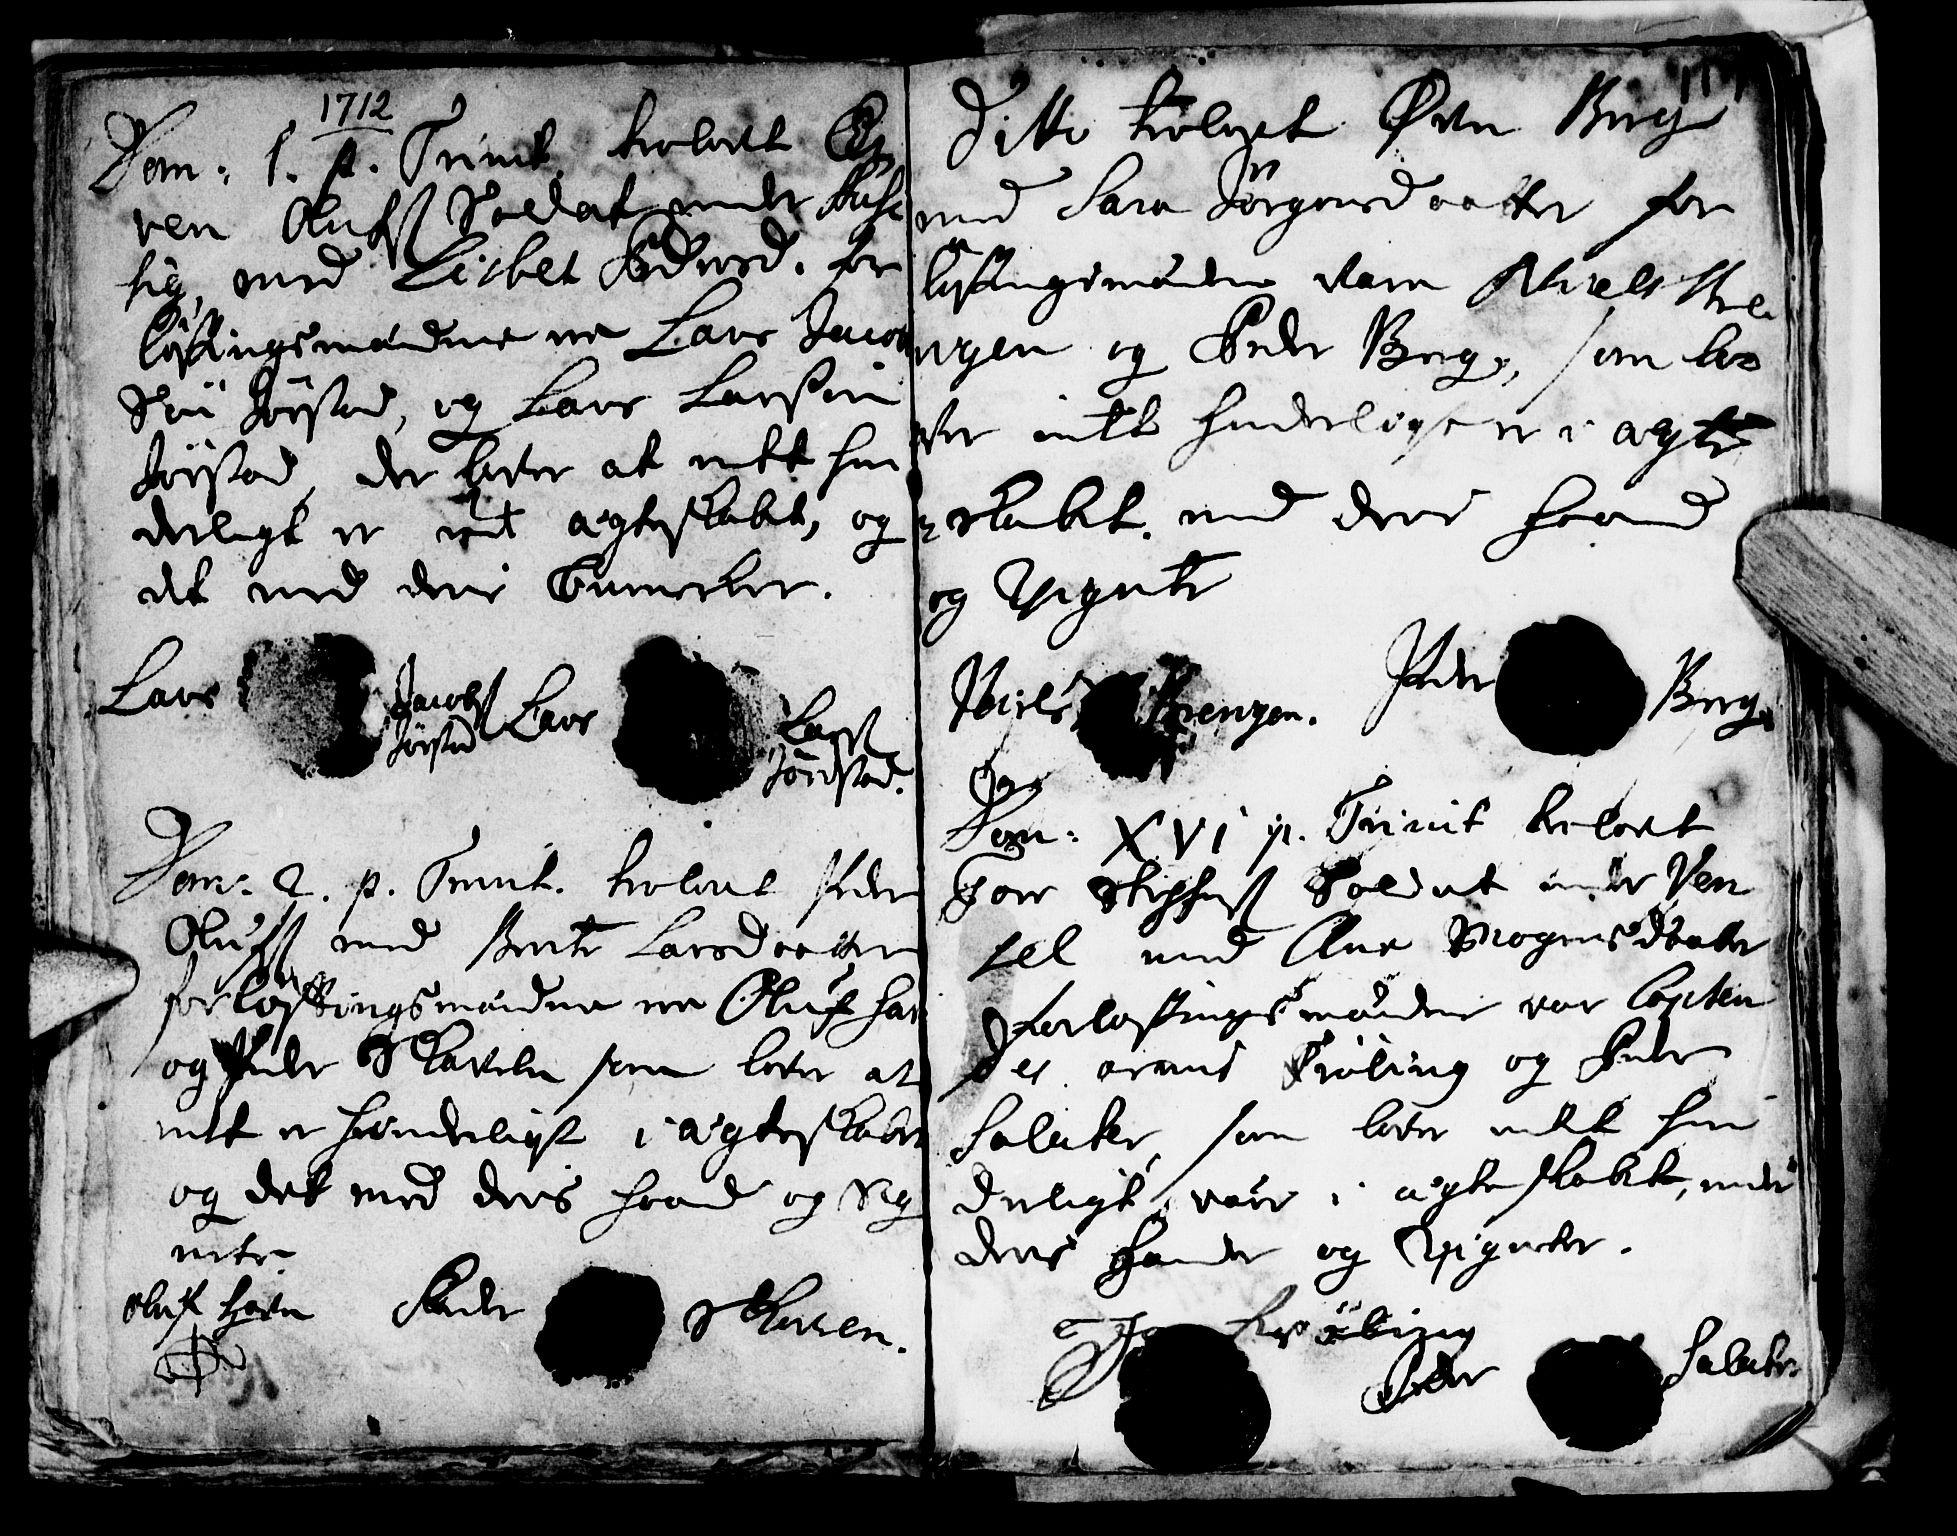 SAT, Ministerialprotokoller, klokkerbøker og fødselsregistre - Nord-Trøndelag, 722/L0214: Ministerialbok nr. 722A01, 1692-1718, s. 117